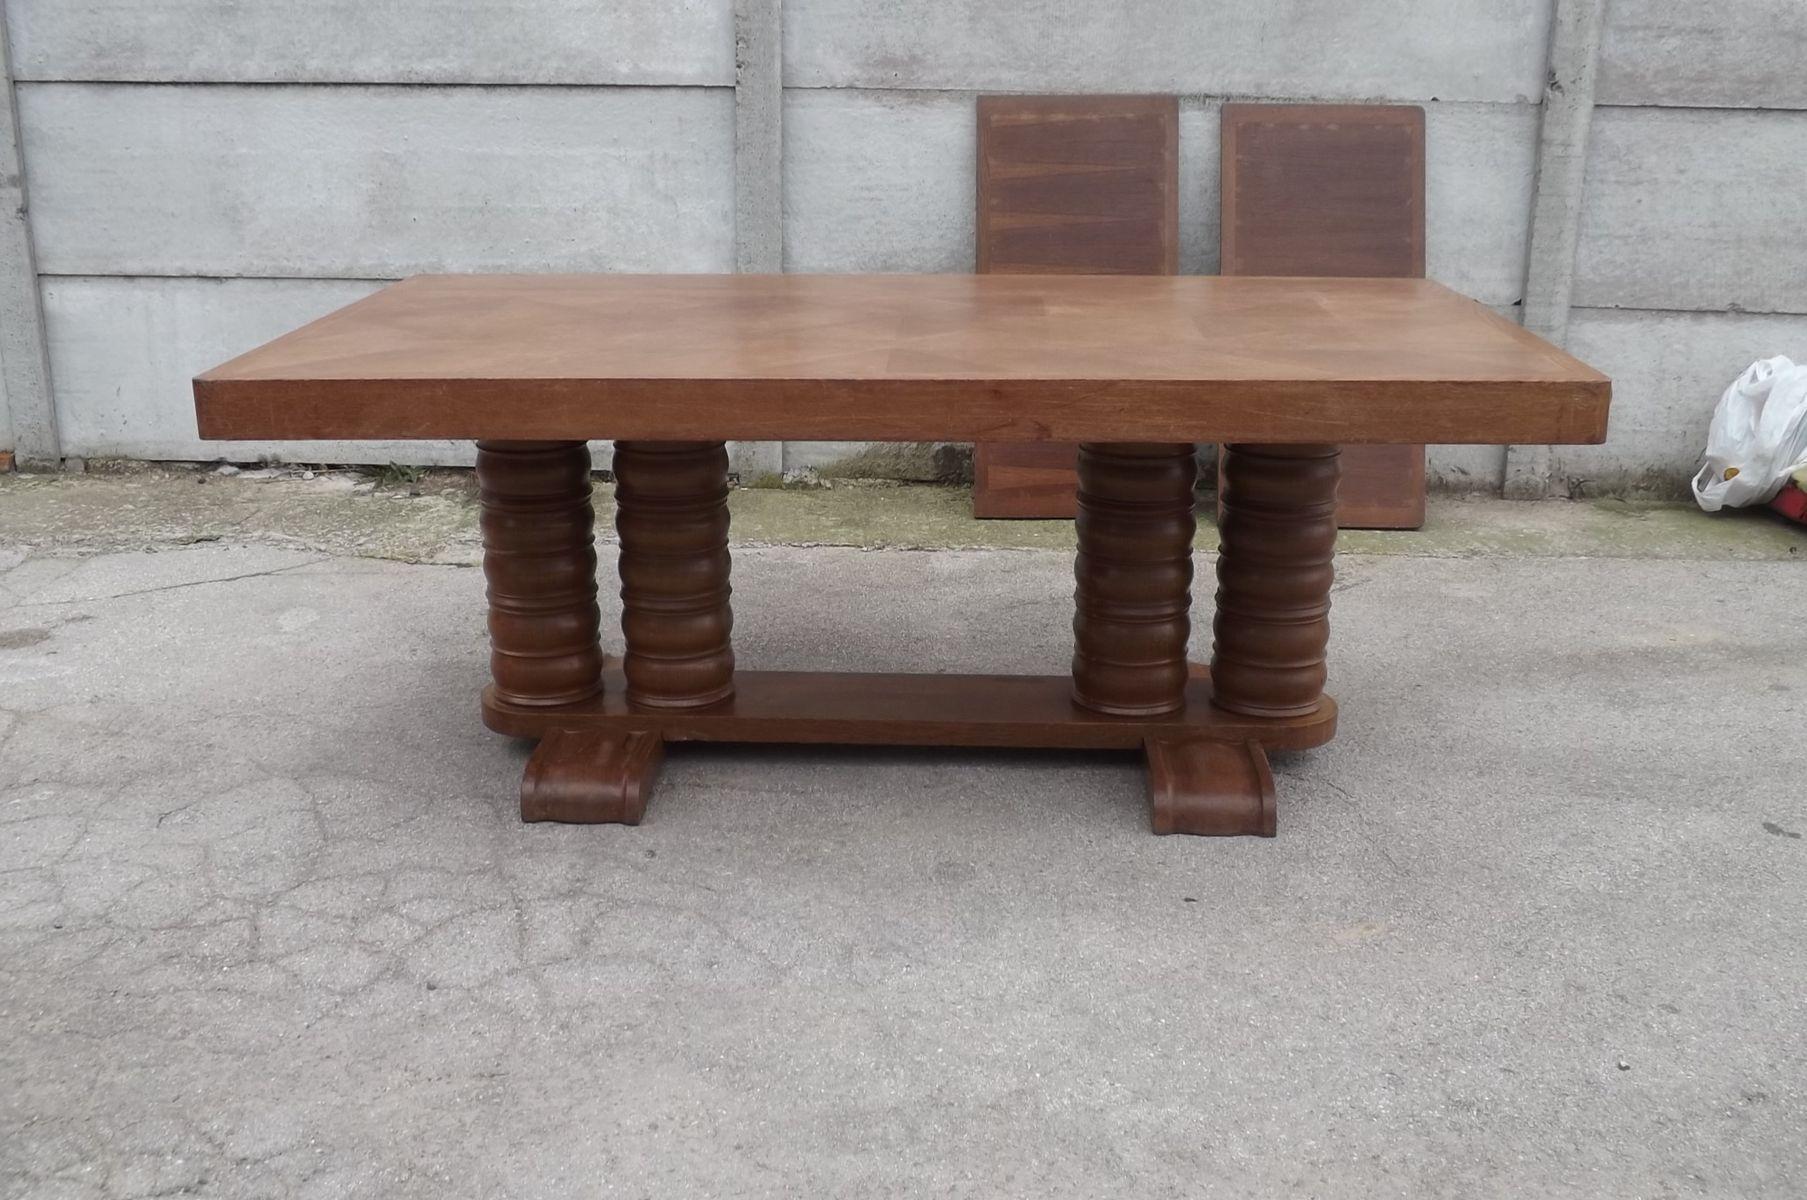 Runder Holz Esstisch Esstisch Glas Holz Design Tisch